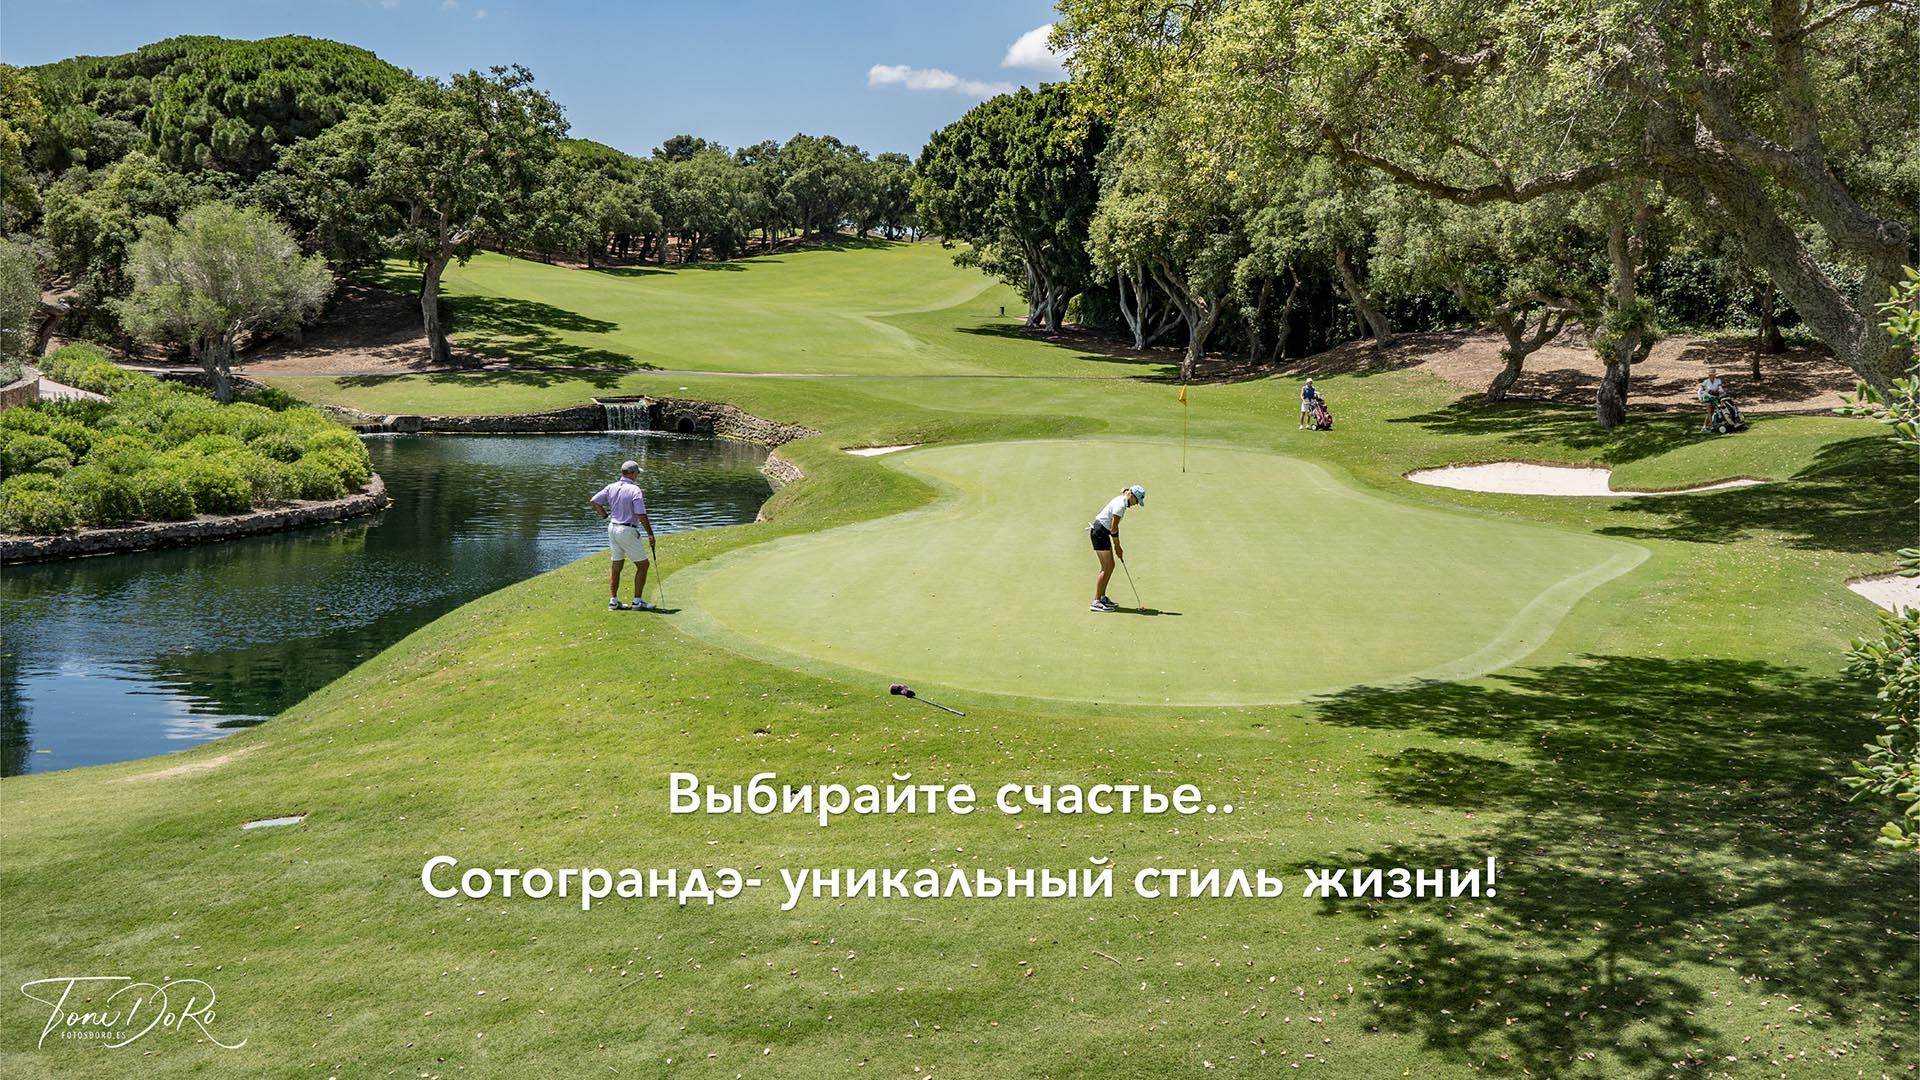 vybirayte-schastye-sotogrande-unikalnyy-stil-zhizni-blog-banner